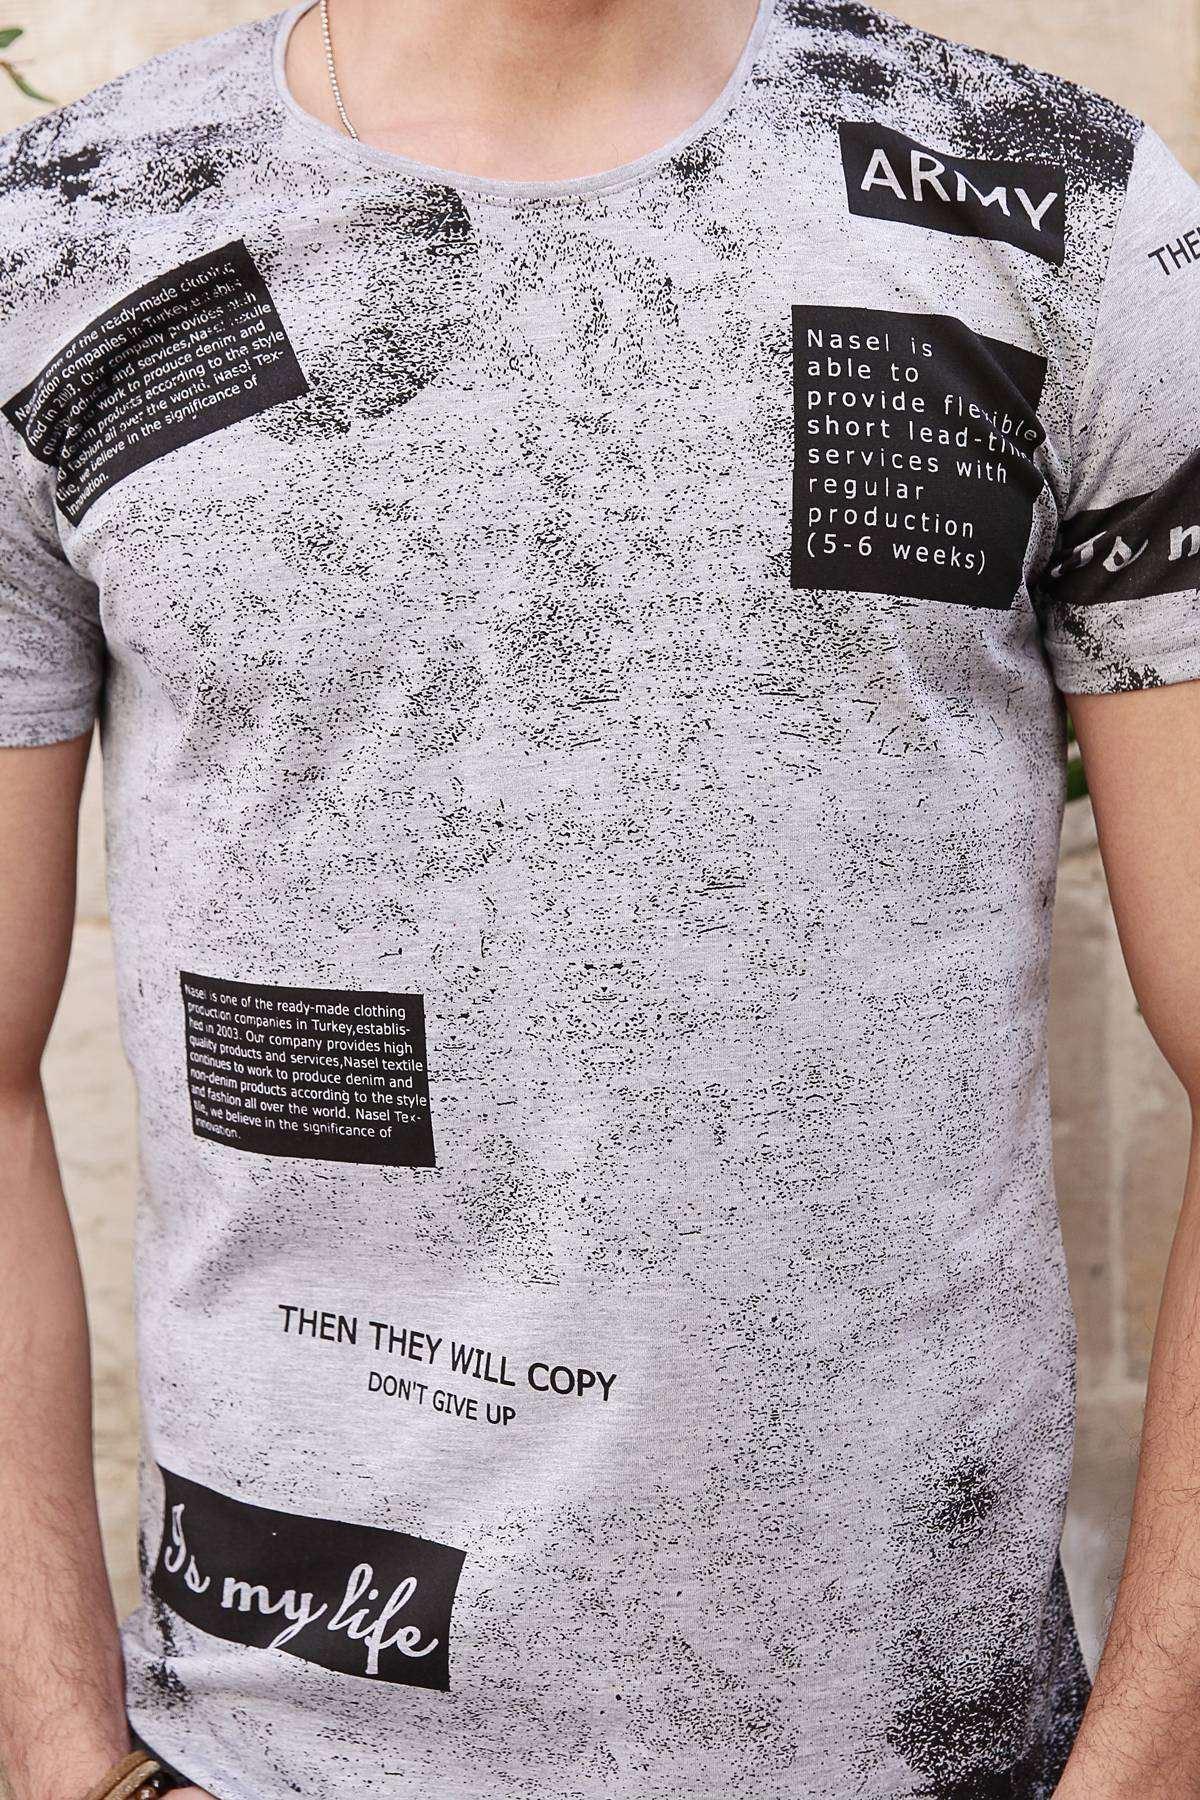 Serpme Boya Baskılı Army Yazılı Slim Fit Tişört Gri